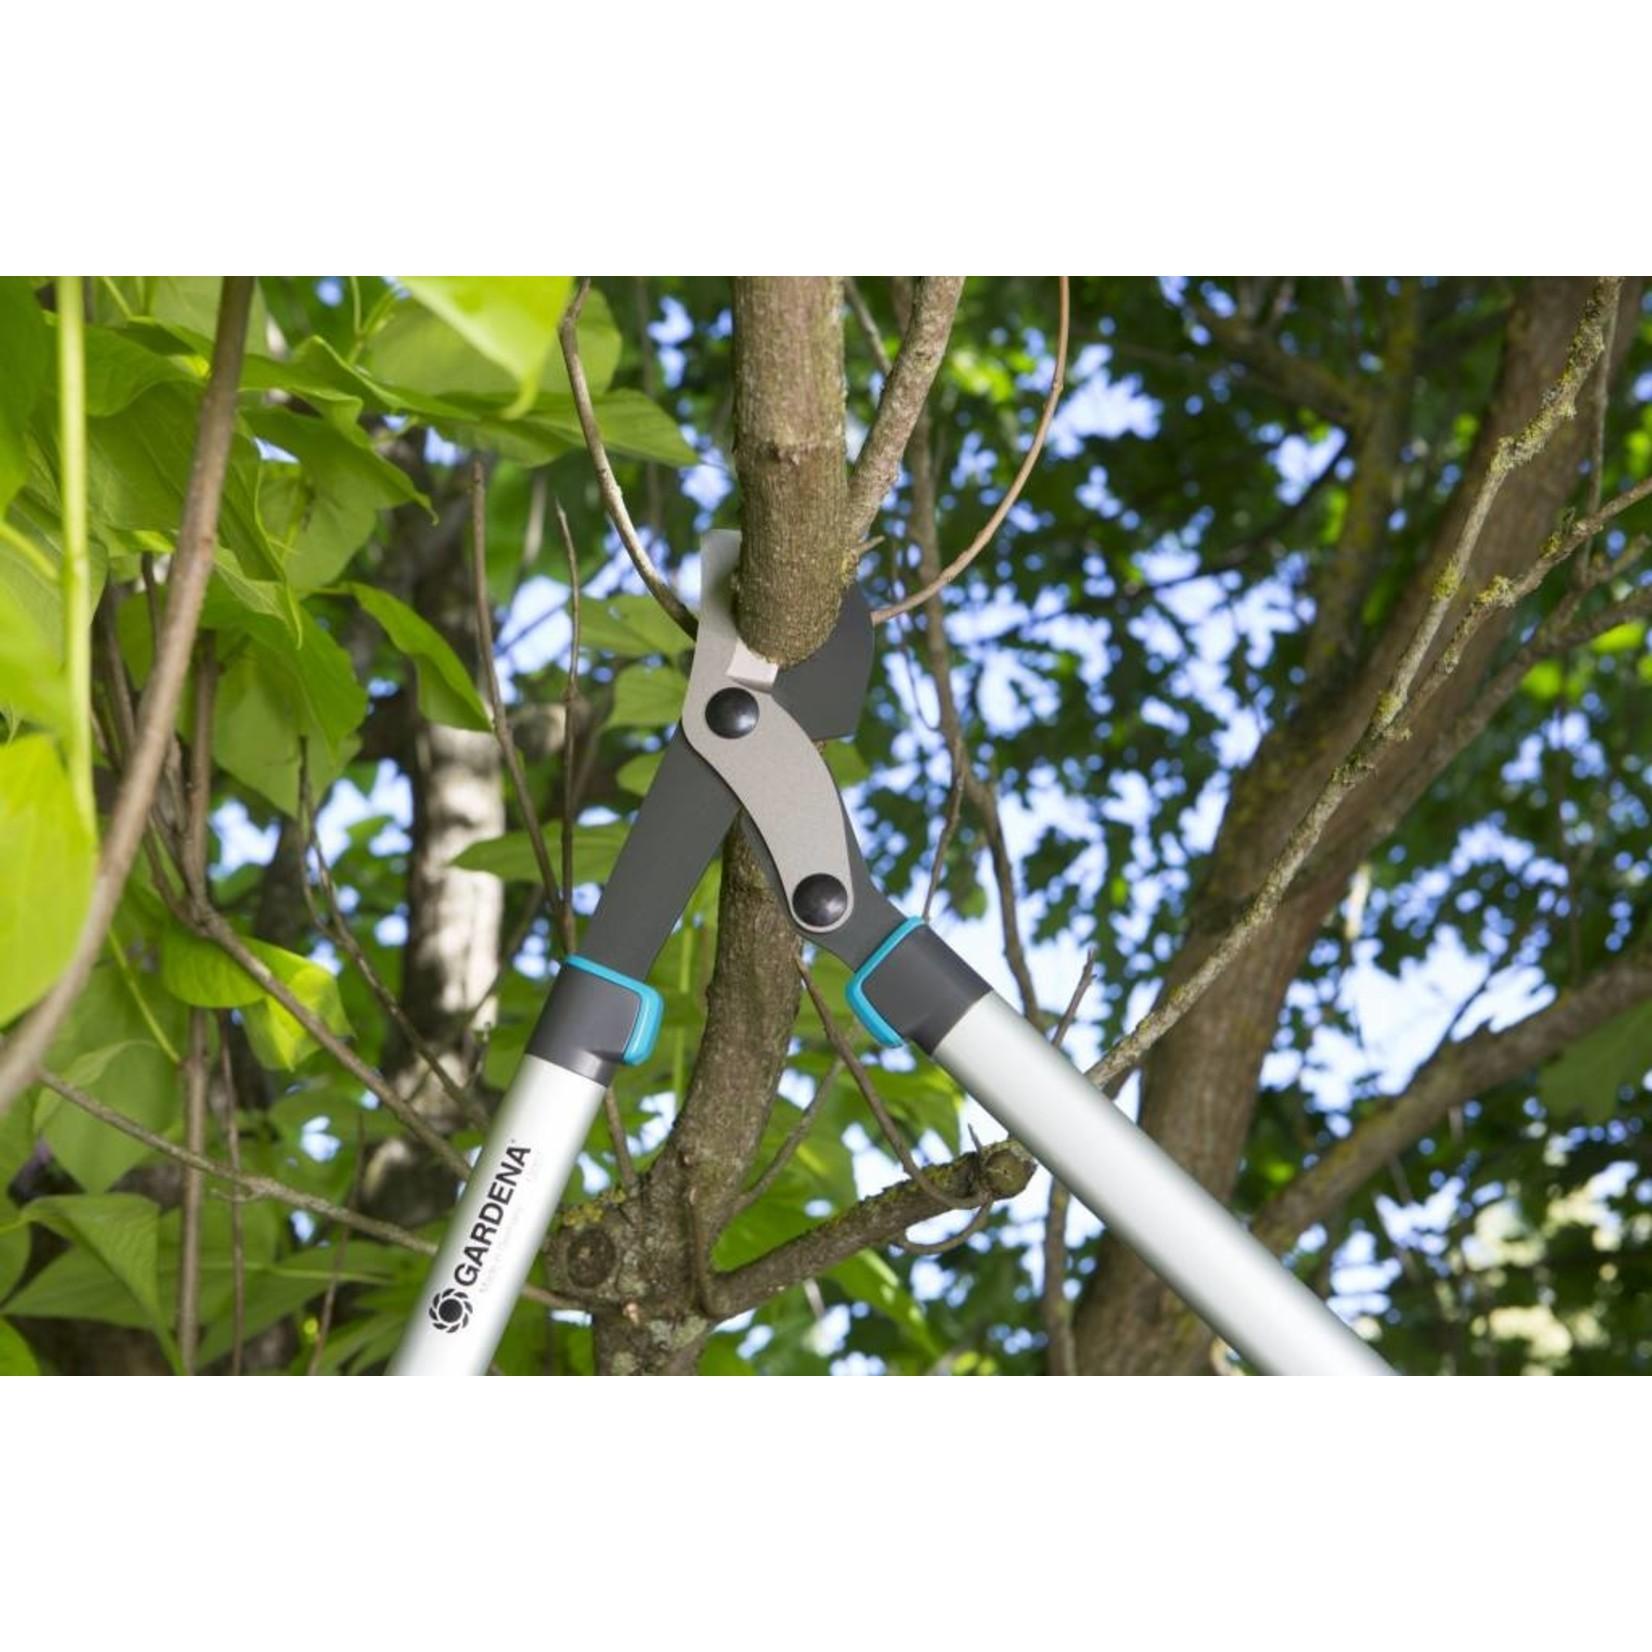 Gardena Gardena Takkenschaar EnergyCut 750B